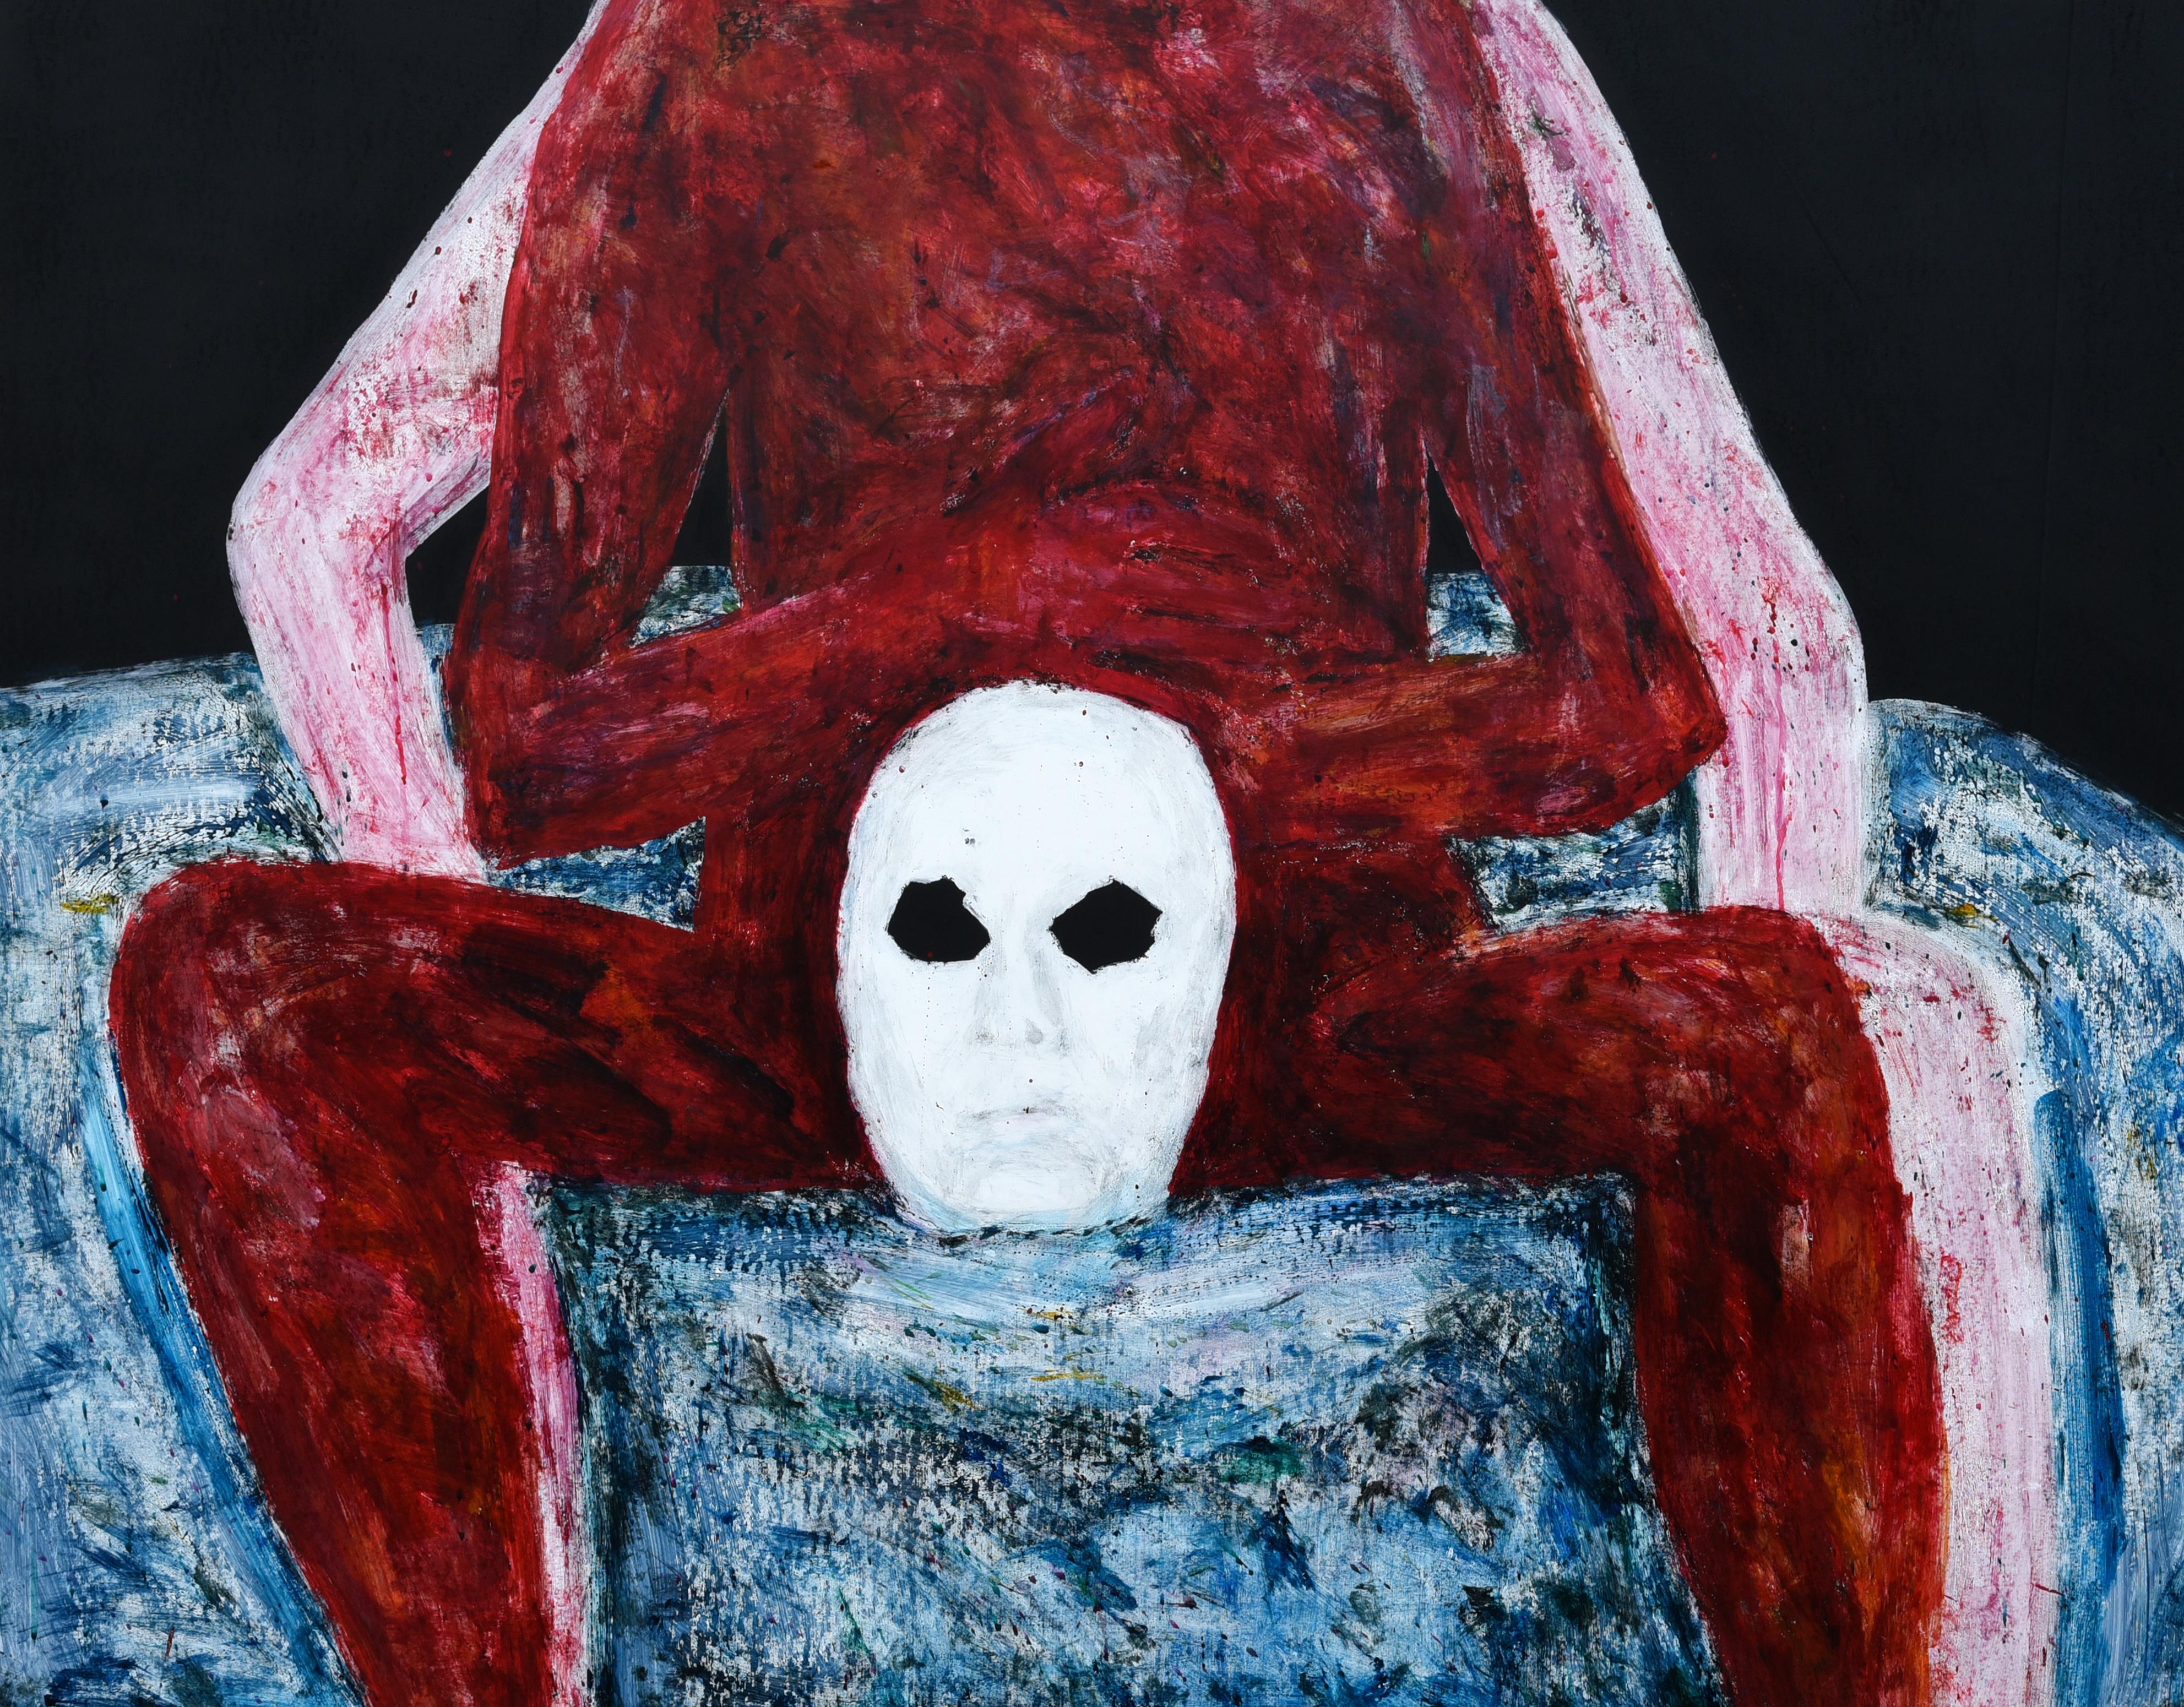 013, 정의철, 붉은 얼굴(가면), 116.8 x 91